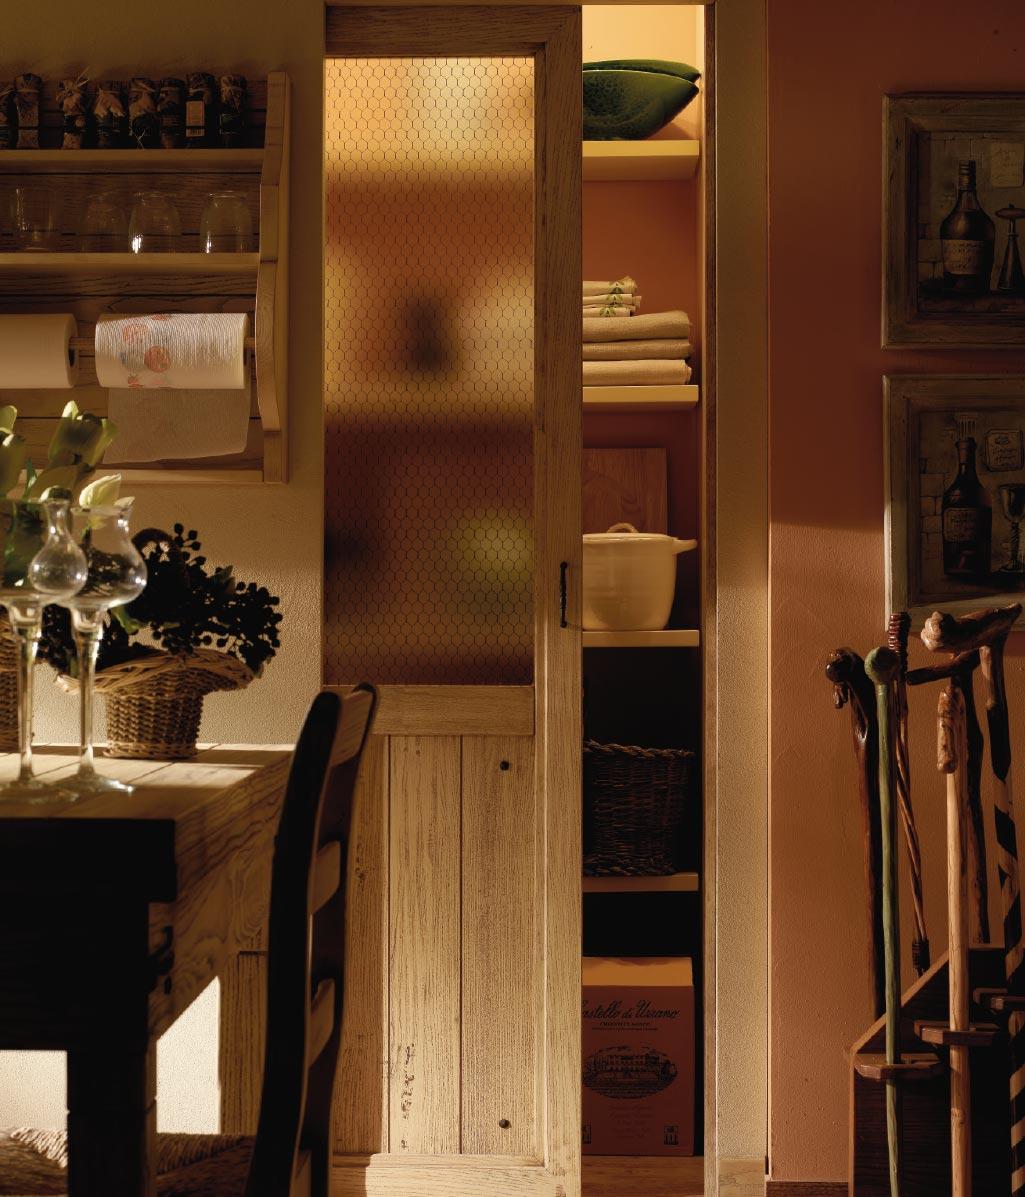 cucine zappalorto opinioni - 28 images - mondo convenienza cucine ...